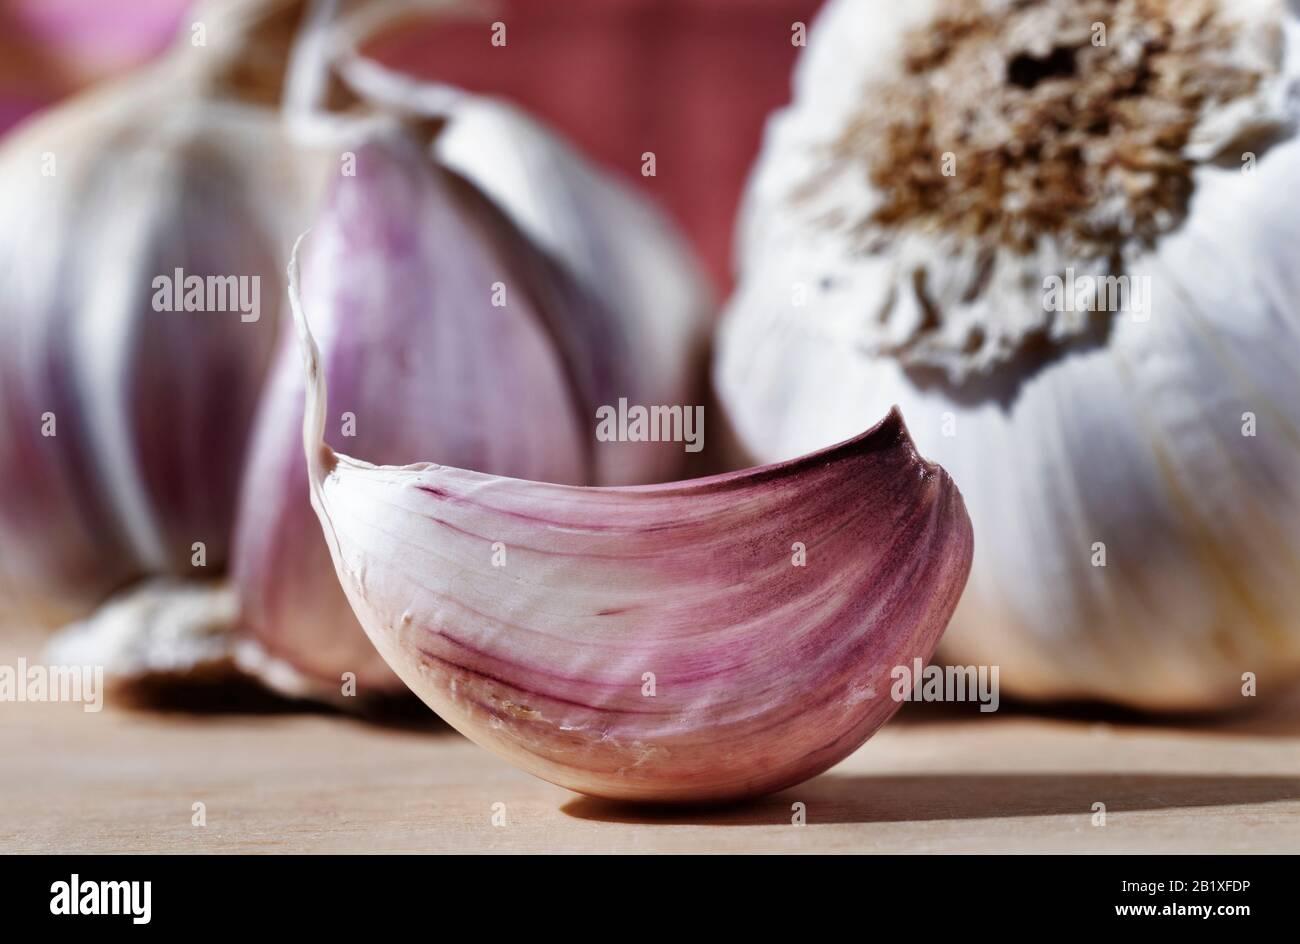 Schöne weiße - lila Knoblauchzehe auf Holztisch im Hintergrund Knoblauchzwiebeln Stockfoto